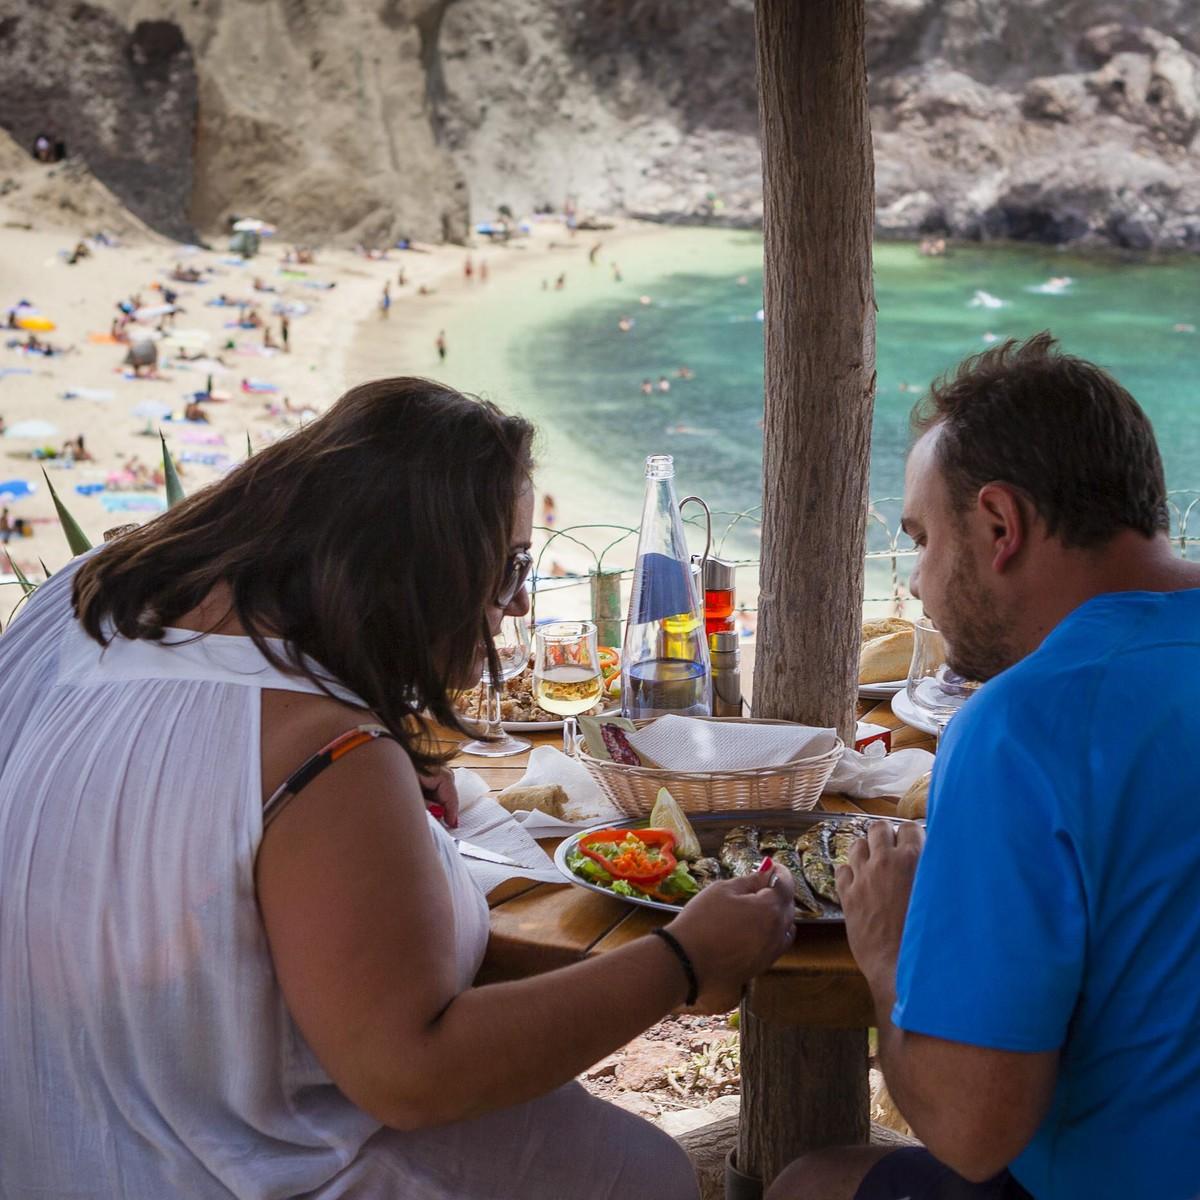 Después del baño comer en el chiringuito localizado en la loma de la playa.